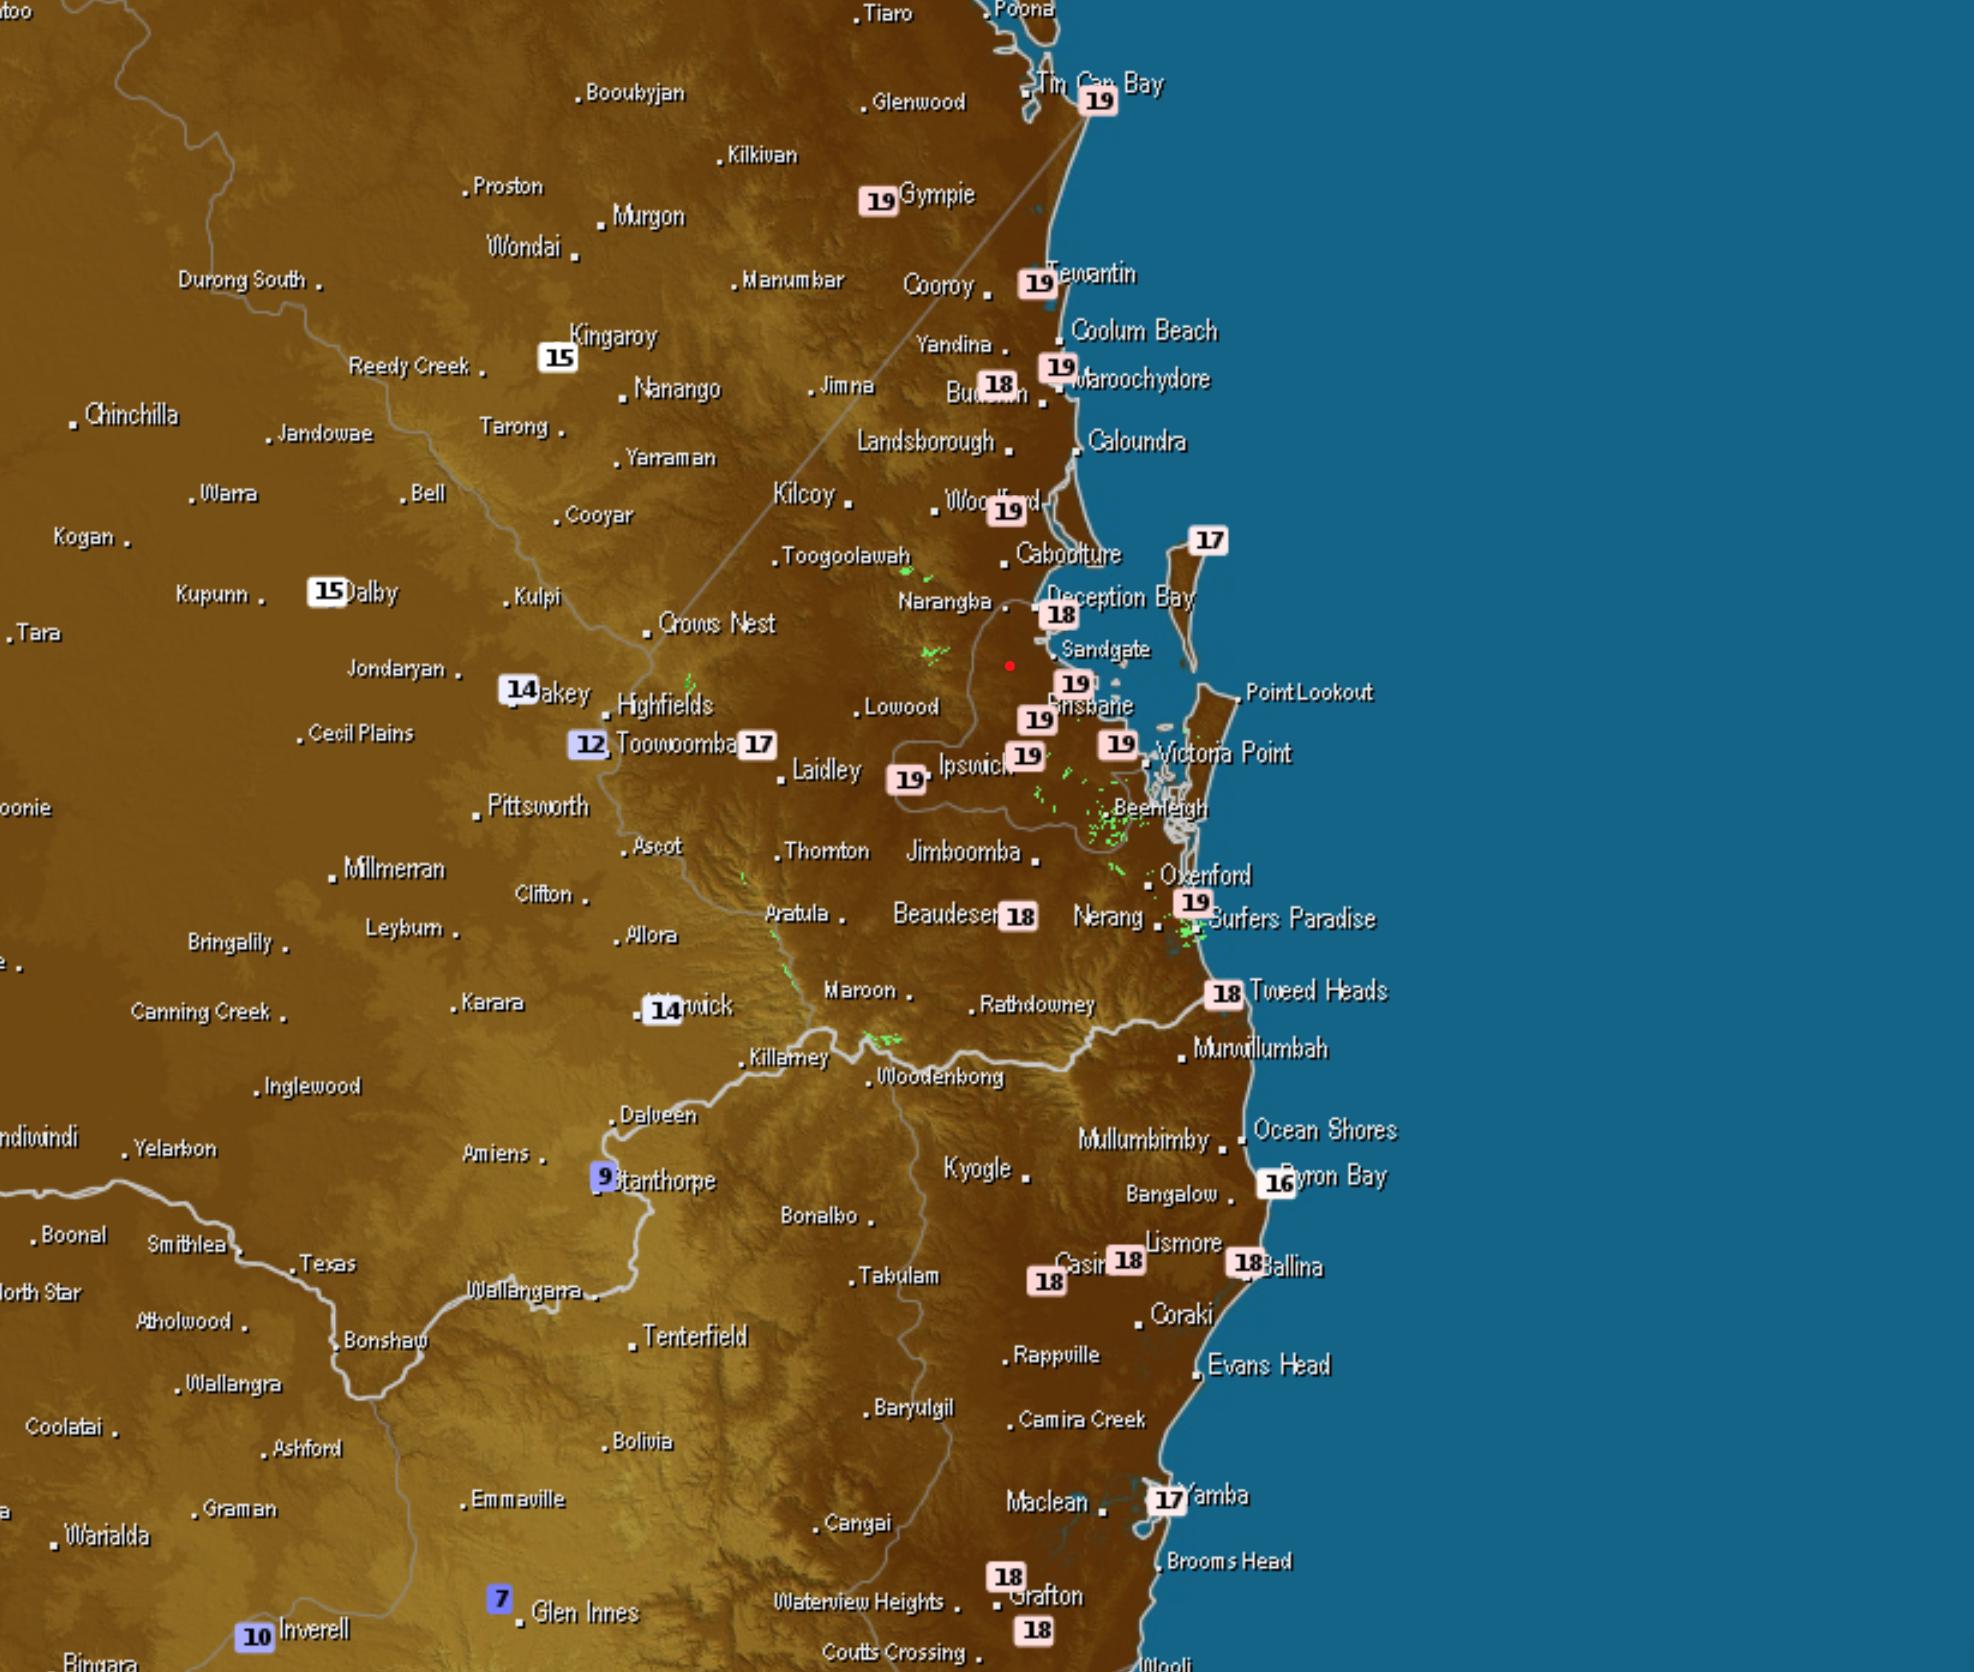 Temperatures during Saturday via Weatherzone